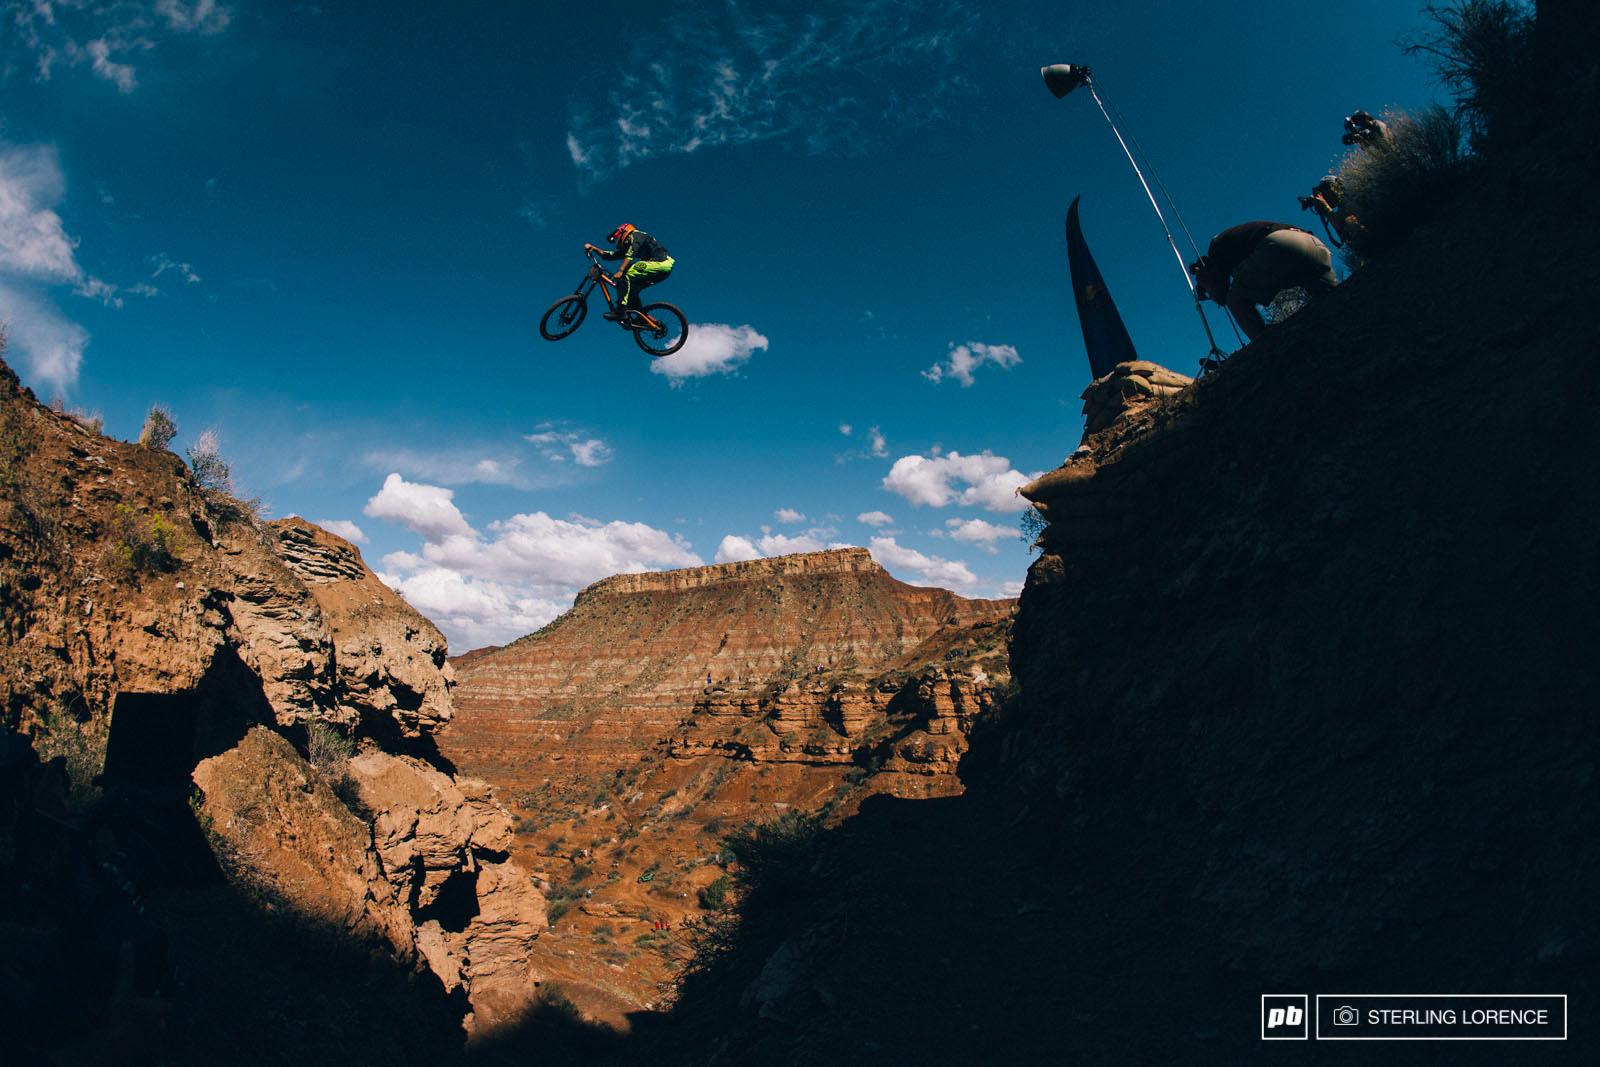 Brendan Fairclough across his canyon gap at RedBull Rampage 2014.